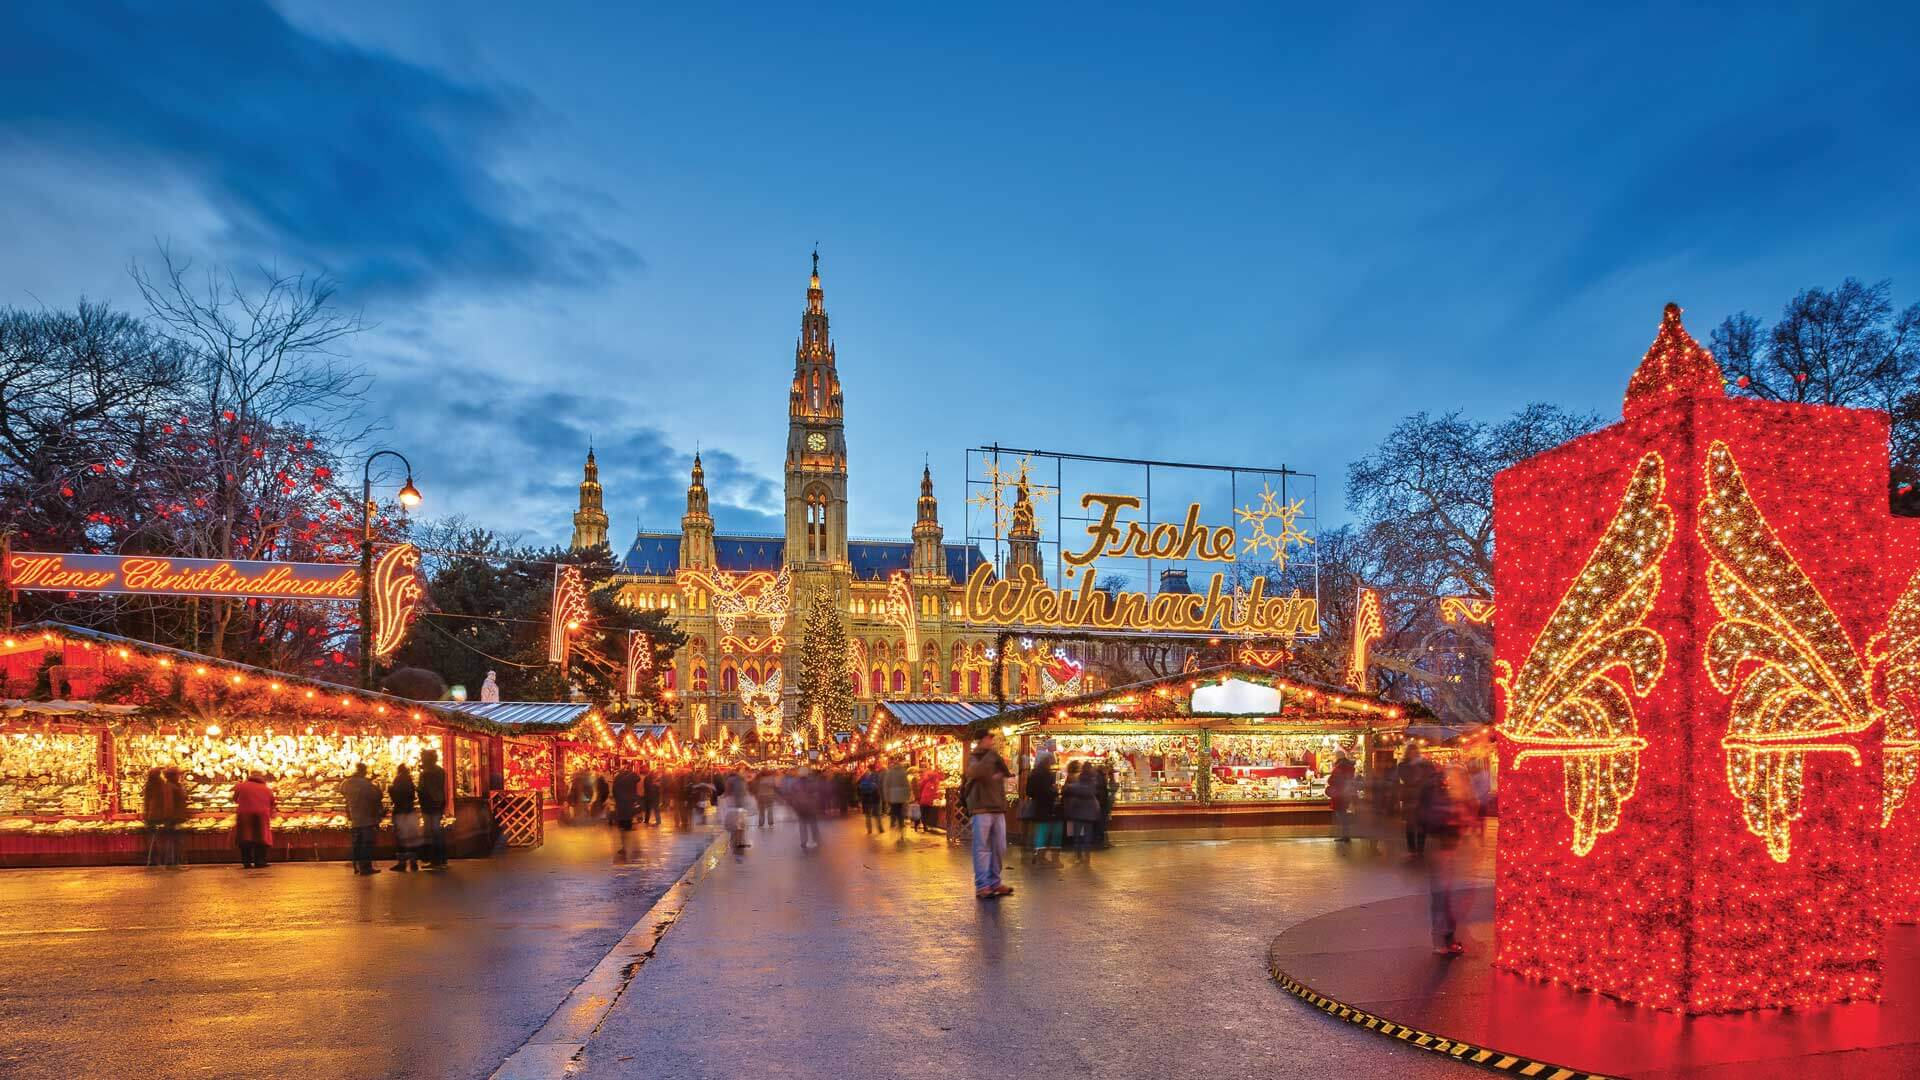 Croisière marchés de Noël dans les grandes capitales danubiennes